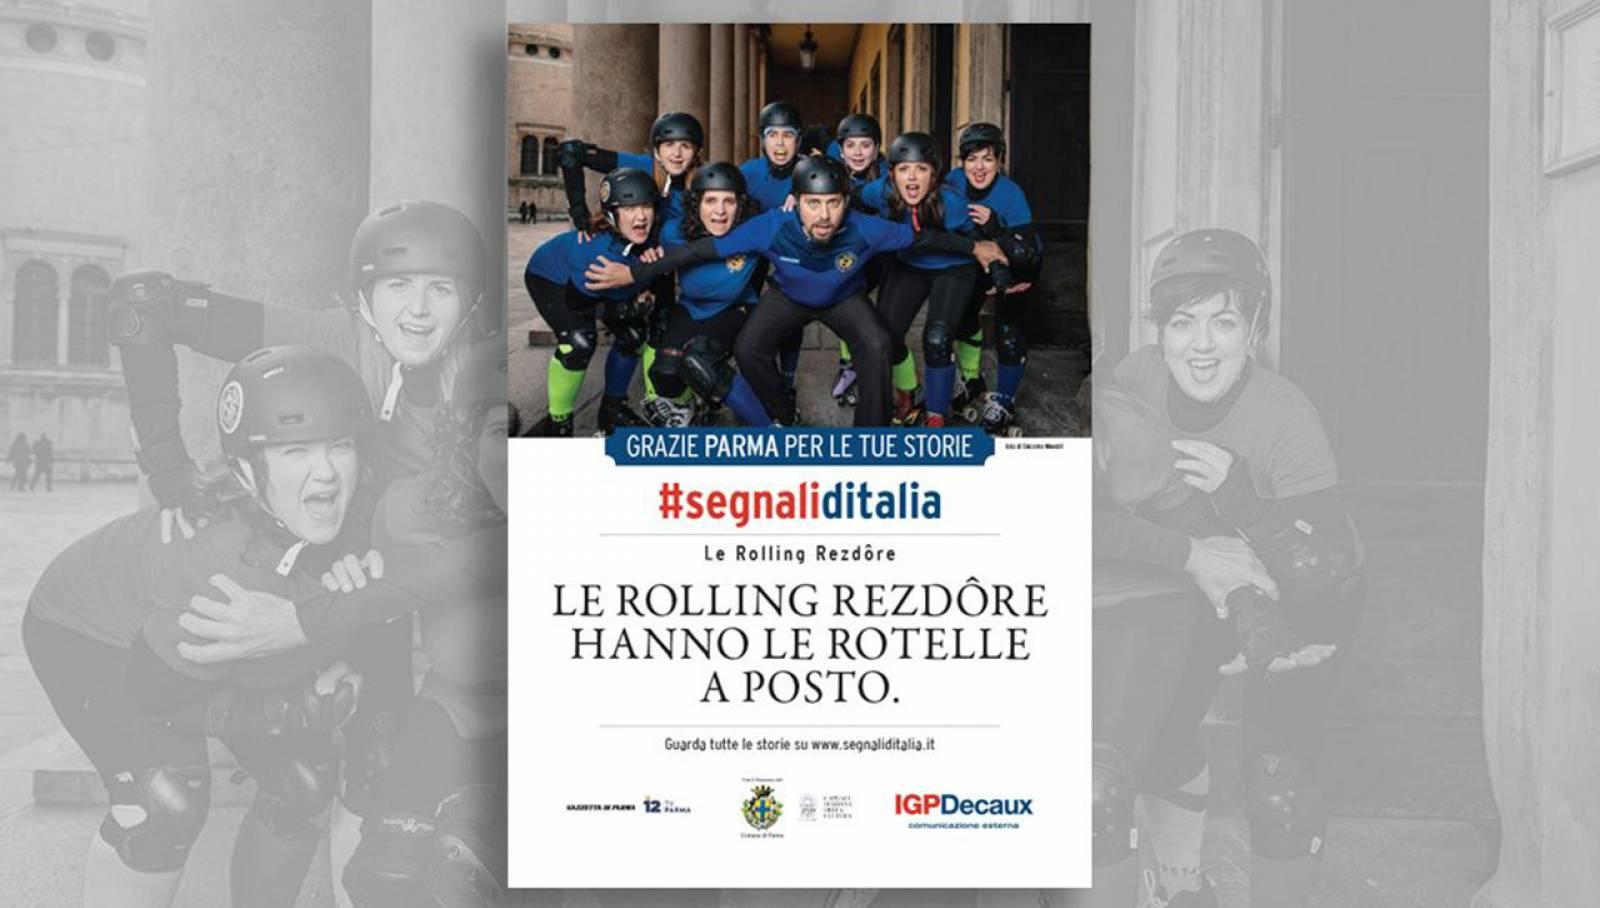 Segnali d'Italia campagna di ringraziamento Parma per le Rolling Redzore